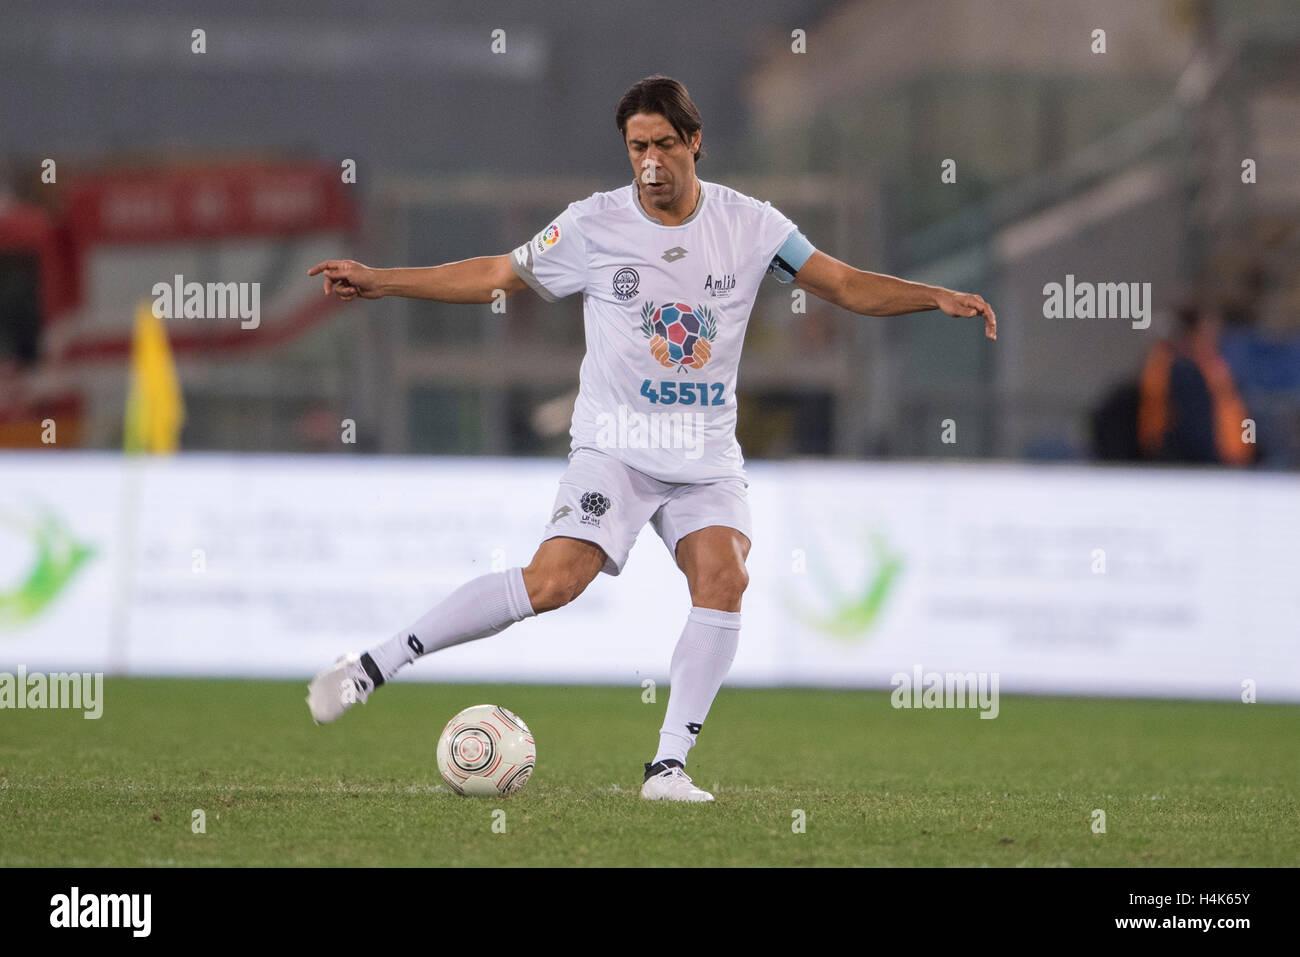 Manuel Rui Costa OCTOBER 12 2016 Football Soccer The